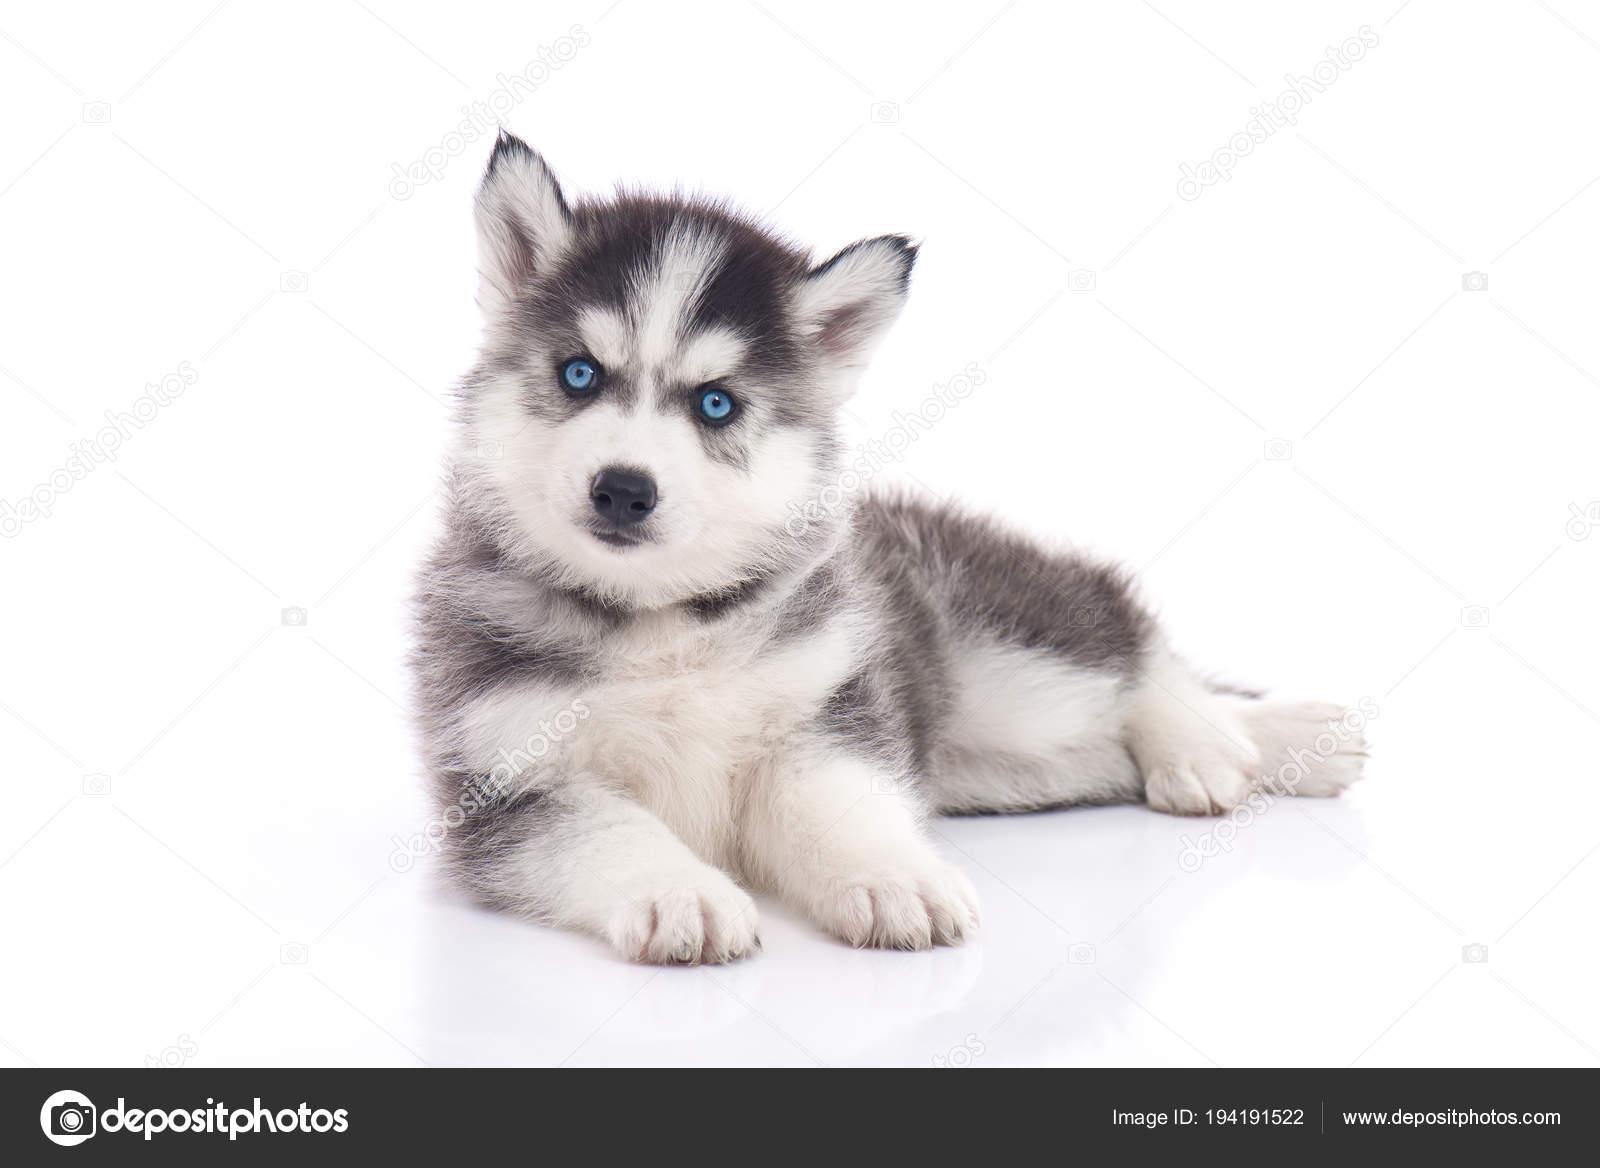 Blue Eyes Siberian Husky Puppy Sitting White Background Isolated